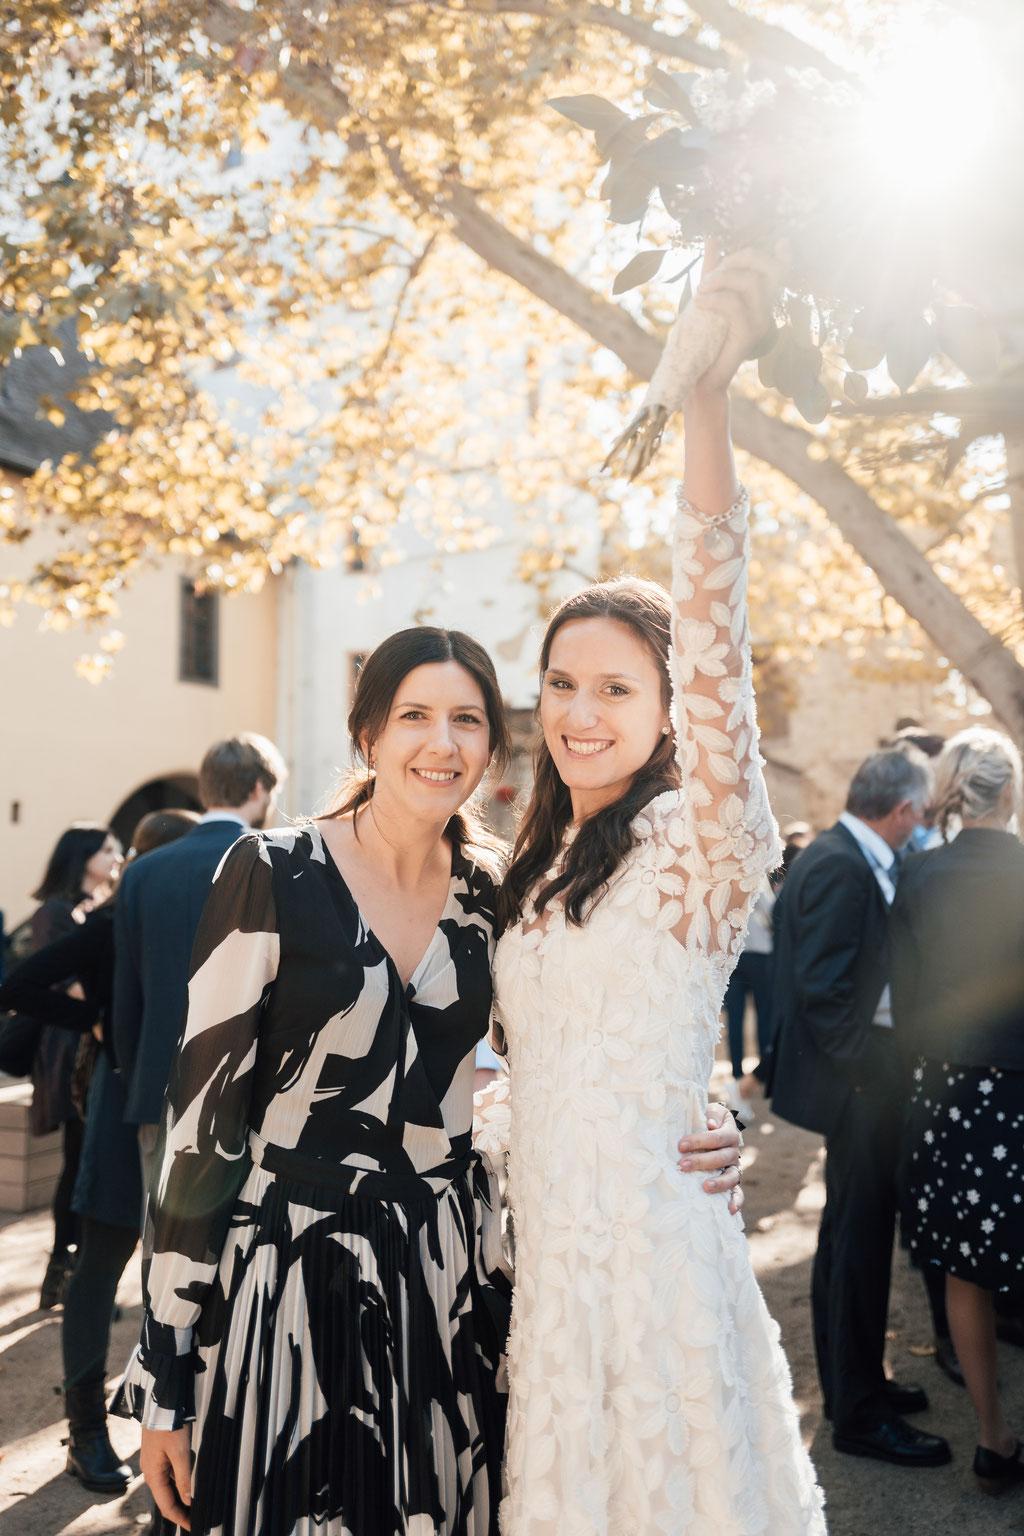 Hochzeitsfotografin Idstein, Freunde